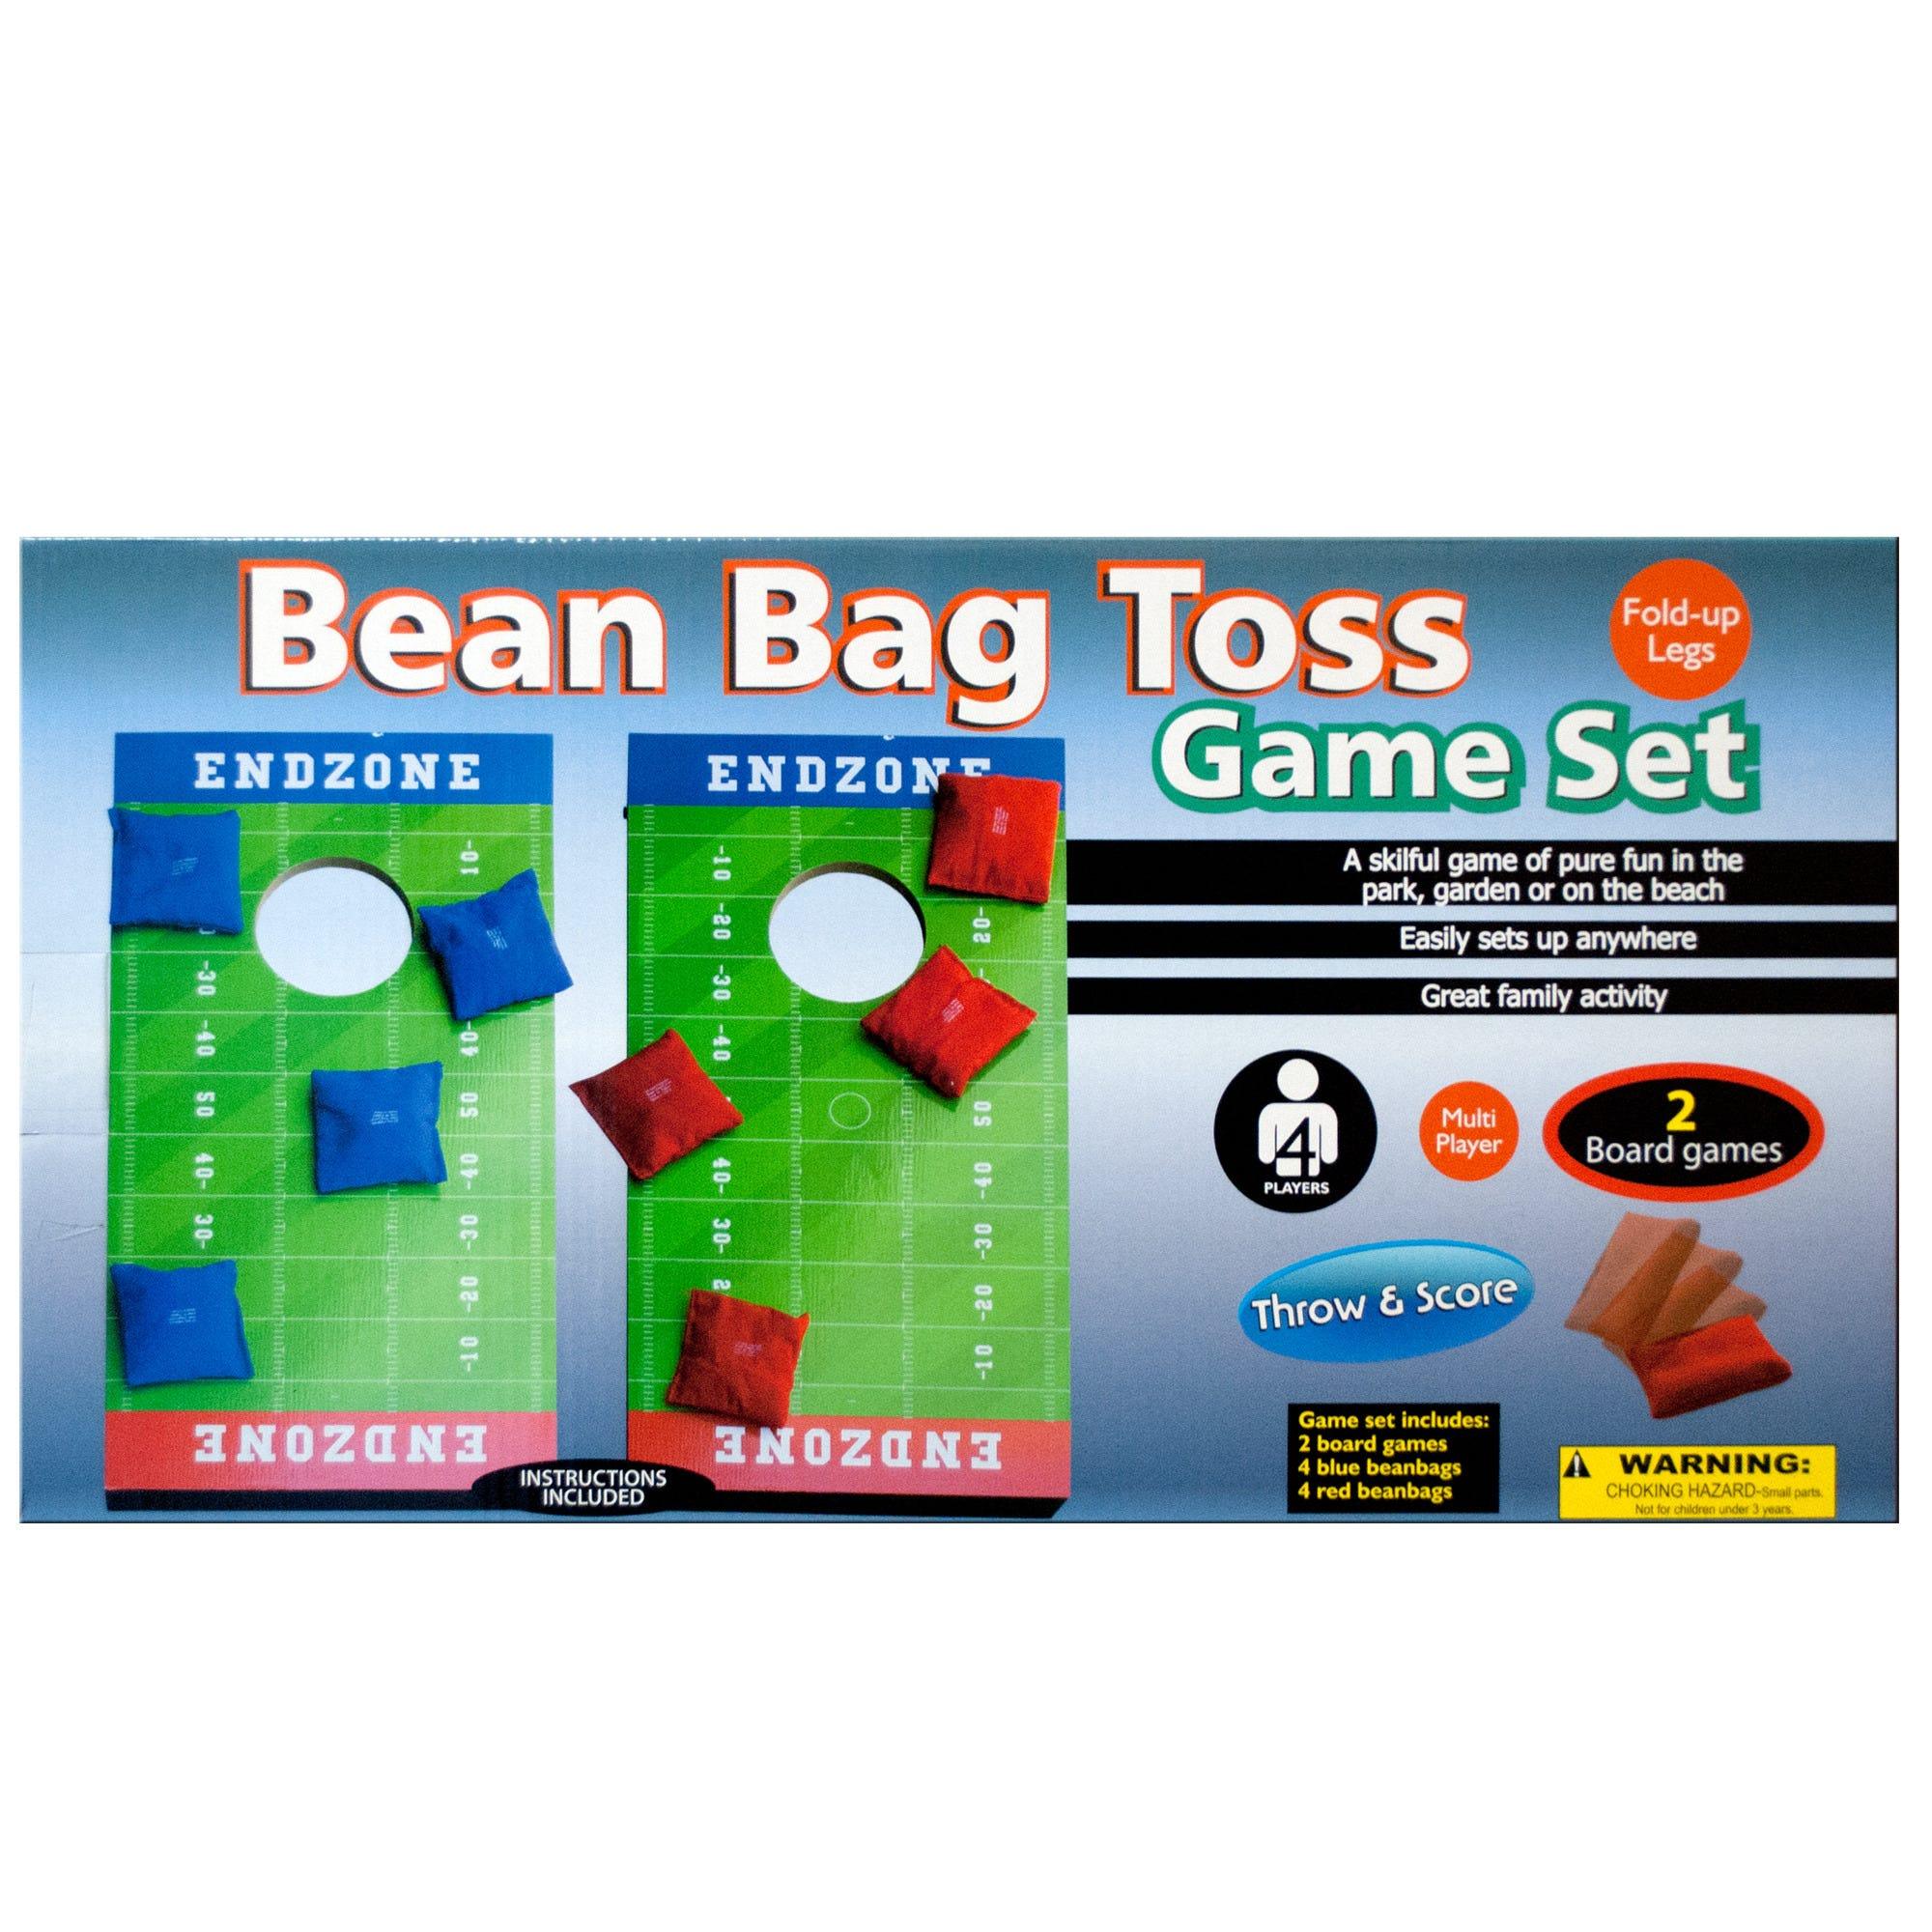 Toss n' Score Bean Bag Toss Game Set - Qty 1